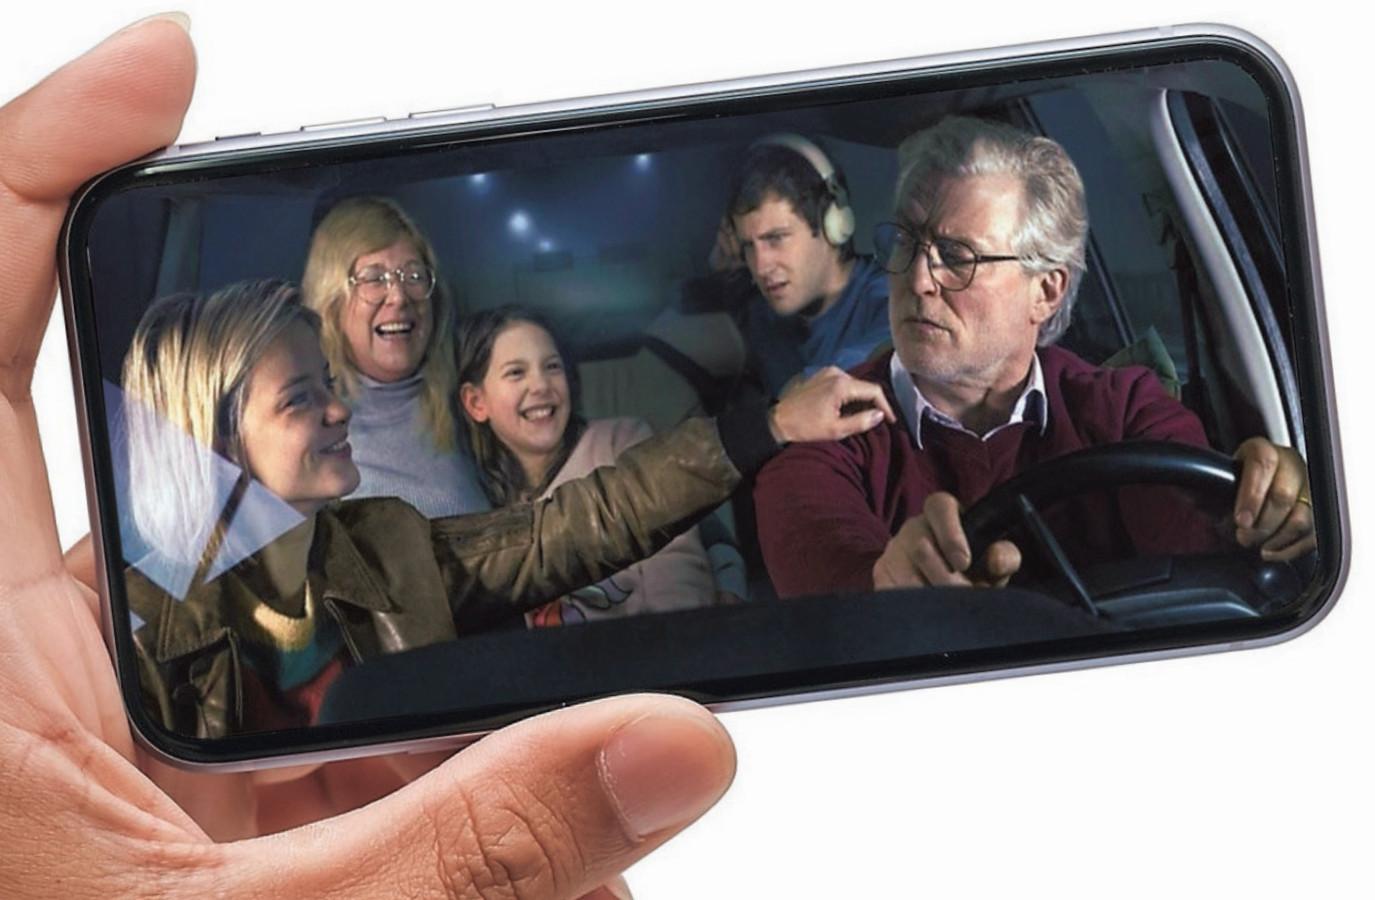 Het Antwerpse collectief SKaGeN vond in volle coronacrisis het digitale ei van Columbus: een eigen app. Daarmee kan je het thrillerfeuilleton 'IMKE.' volgen op je smartphone.